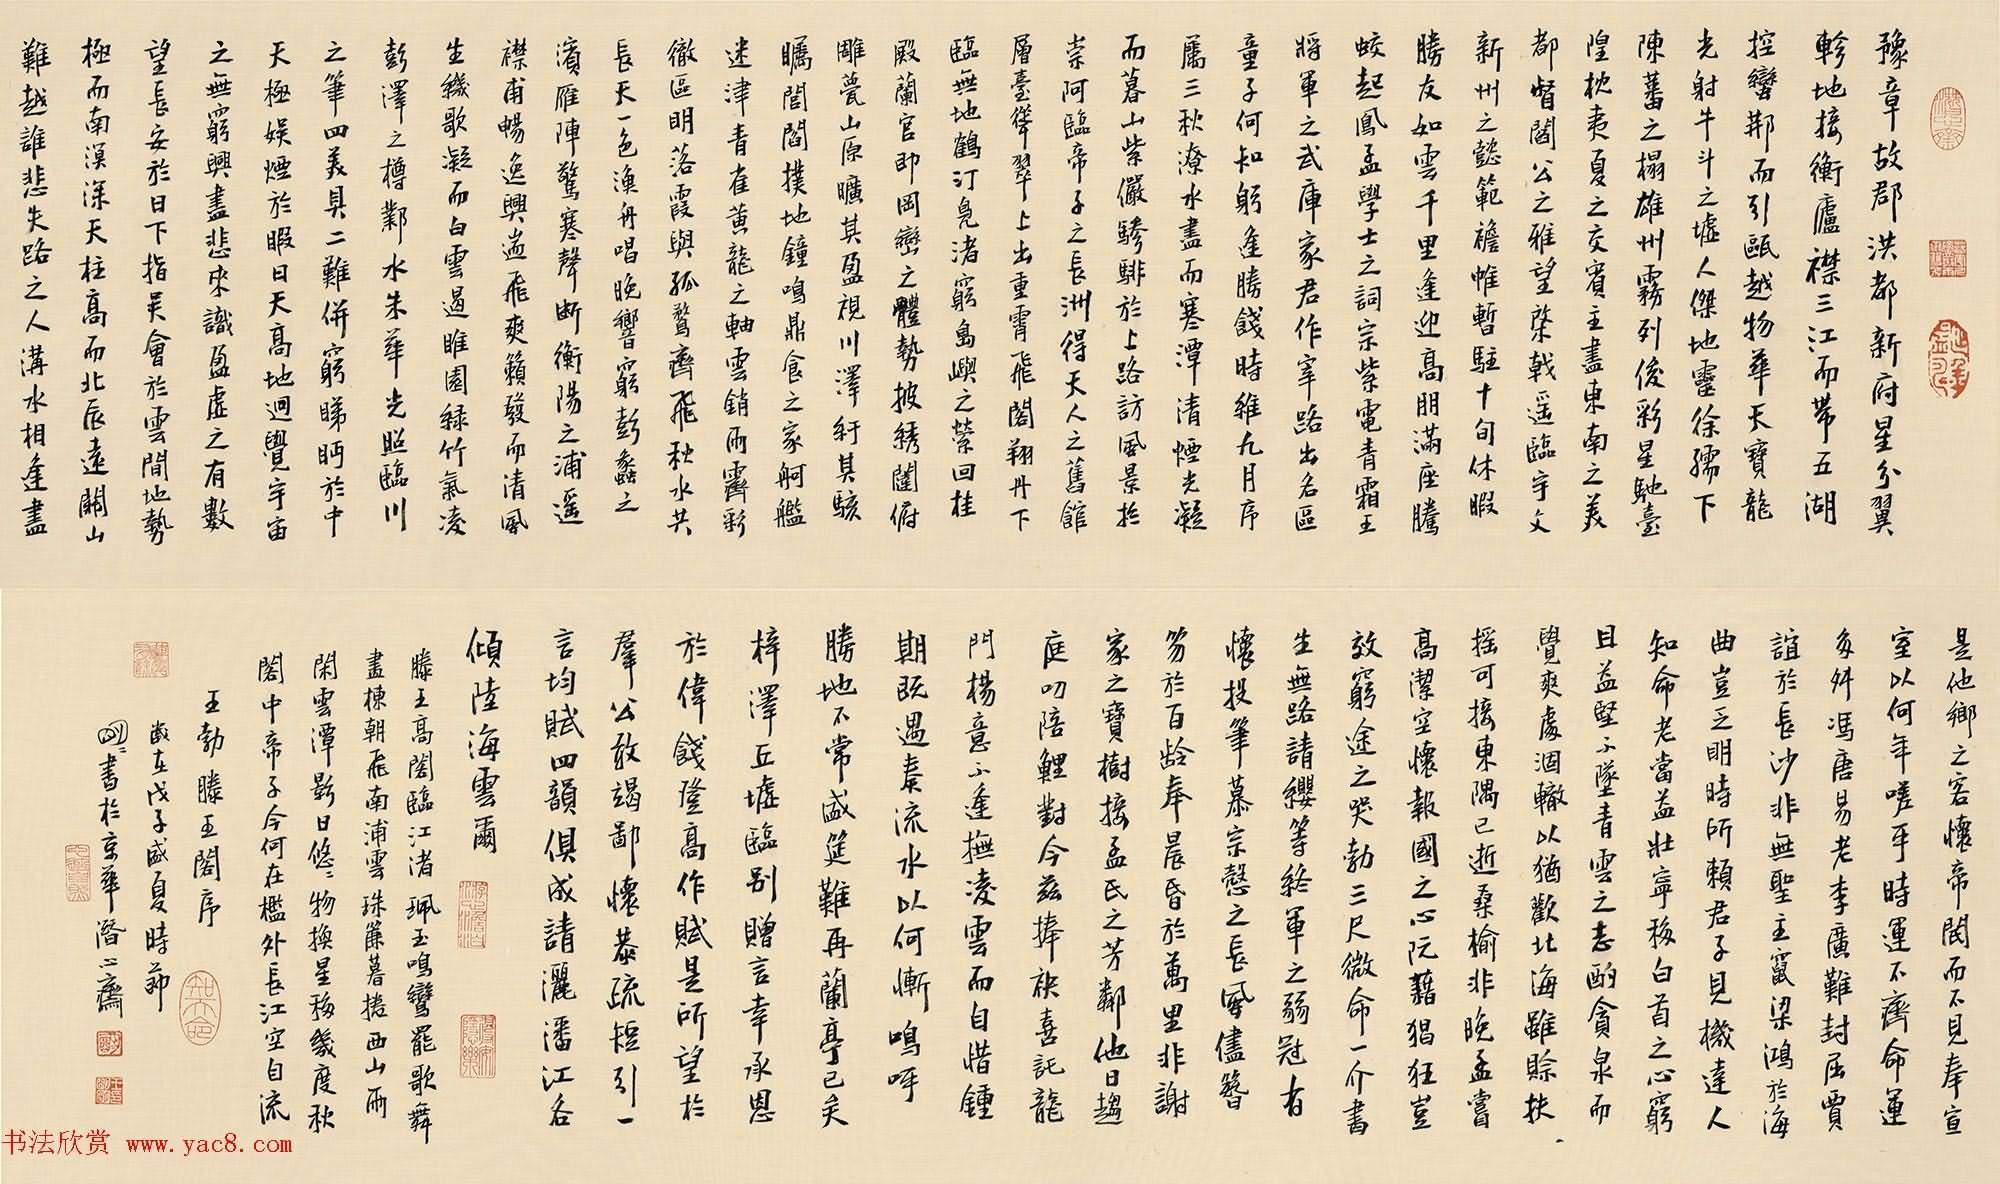 王明明書法手卷字帖《滕王閣序》高清本(共14張圖片)